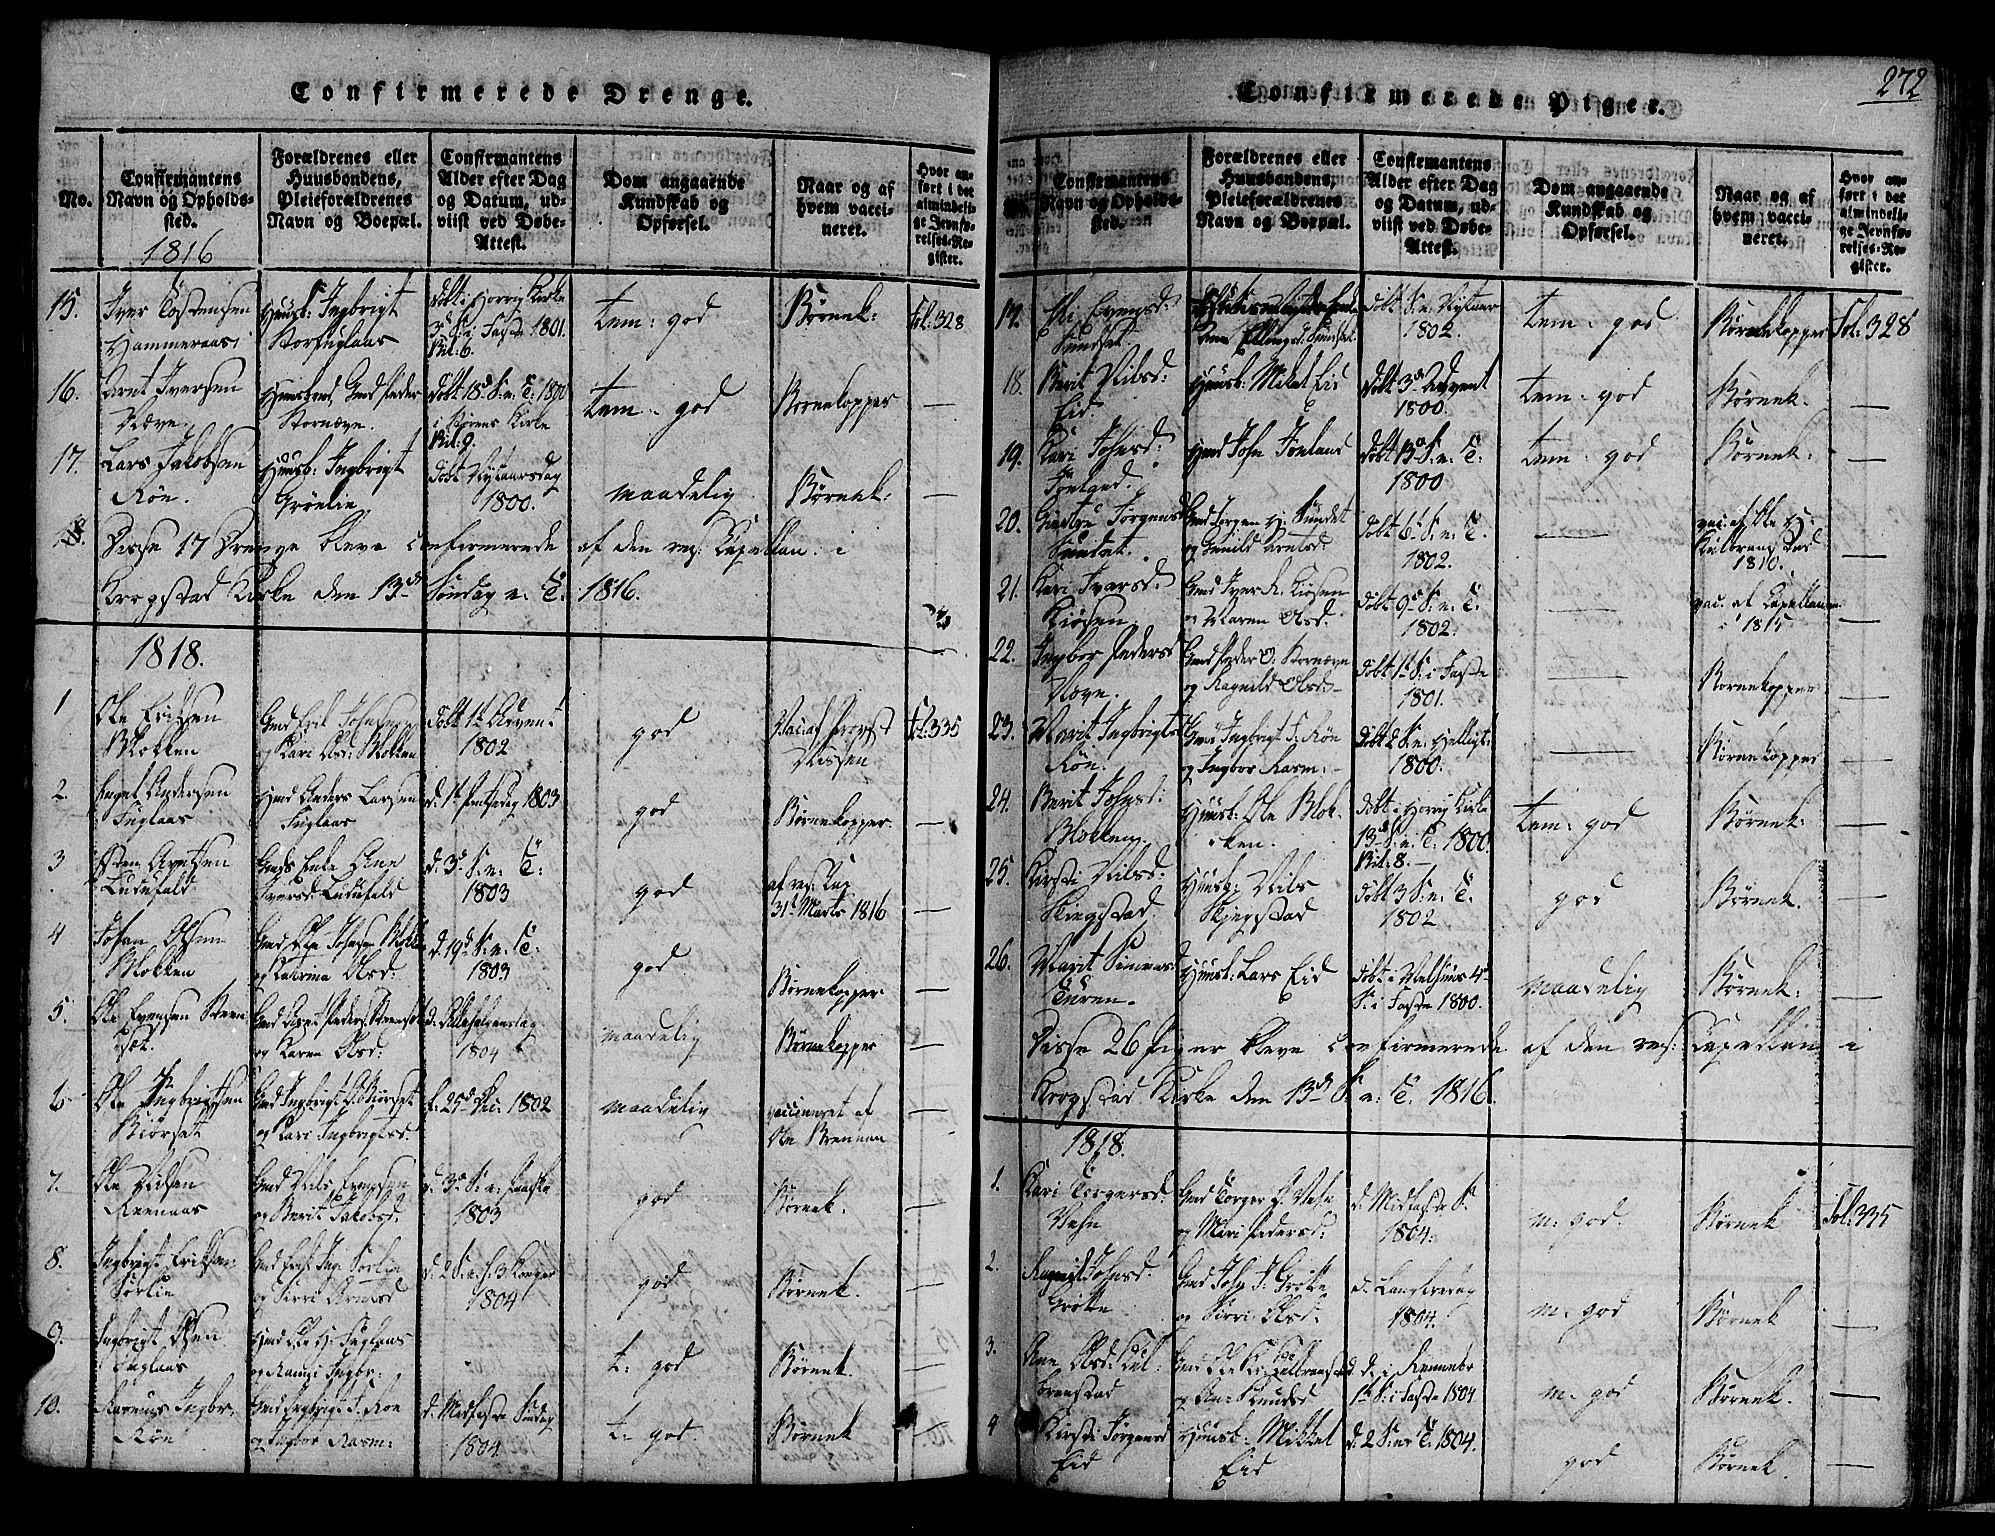 SAT, Ministerialprotokoller, klokkerbøker og fødselsregistre - Sør-Trøndelag, 691/L1068: Ministerialbok nr. 691A03 /4, 1816-1826, s. 272